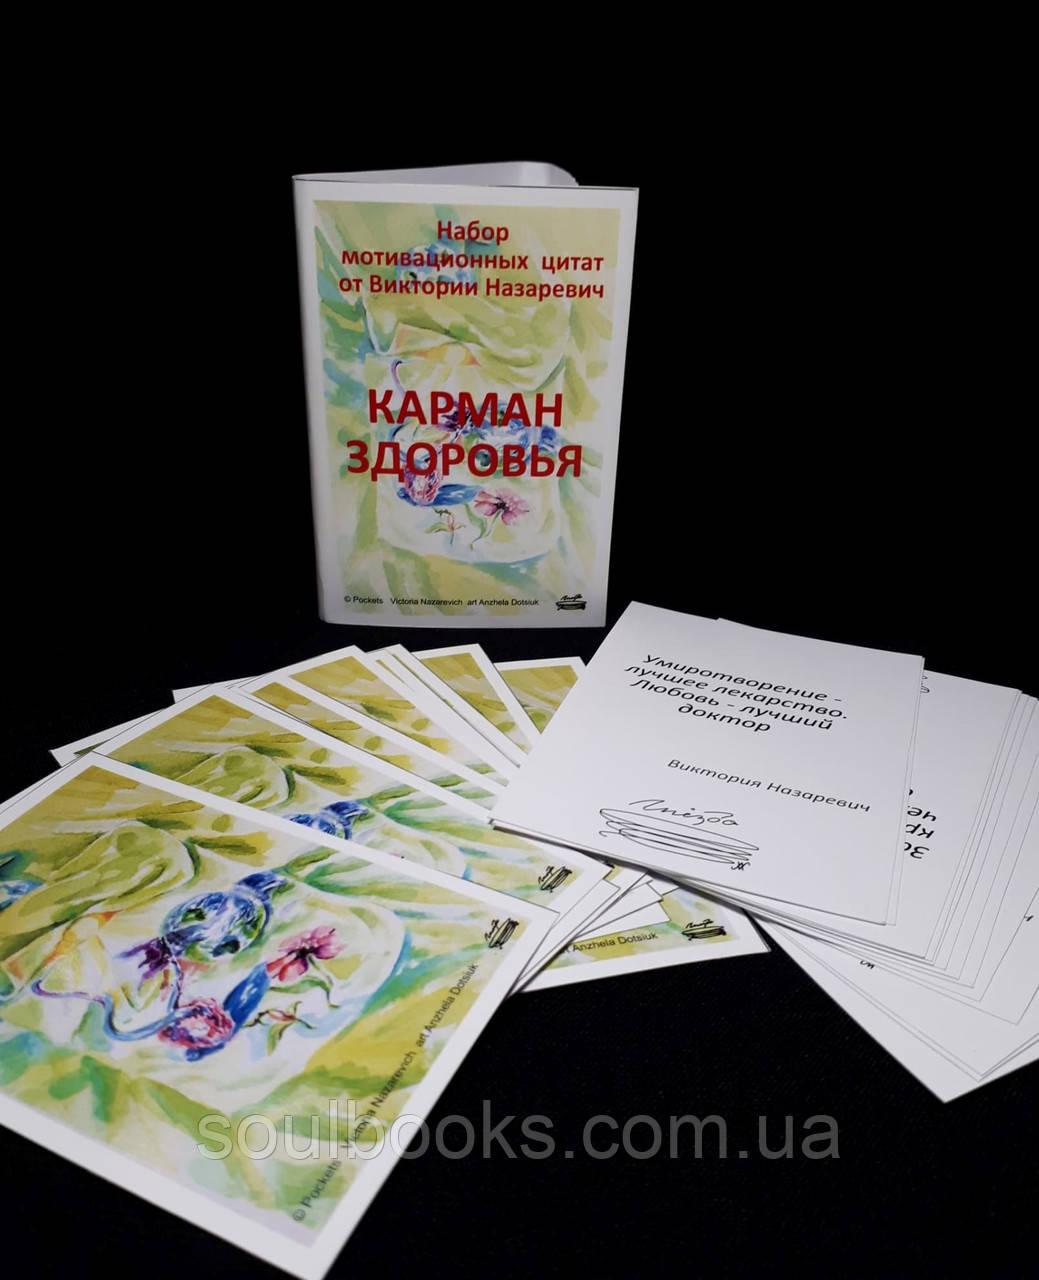 """""""Карман Здоровья"""" - набор мотивационных карточек. Виктория Назаревич"""